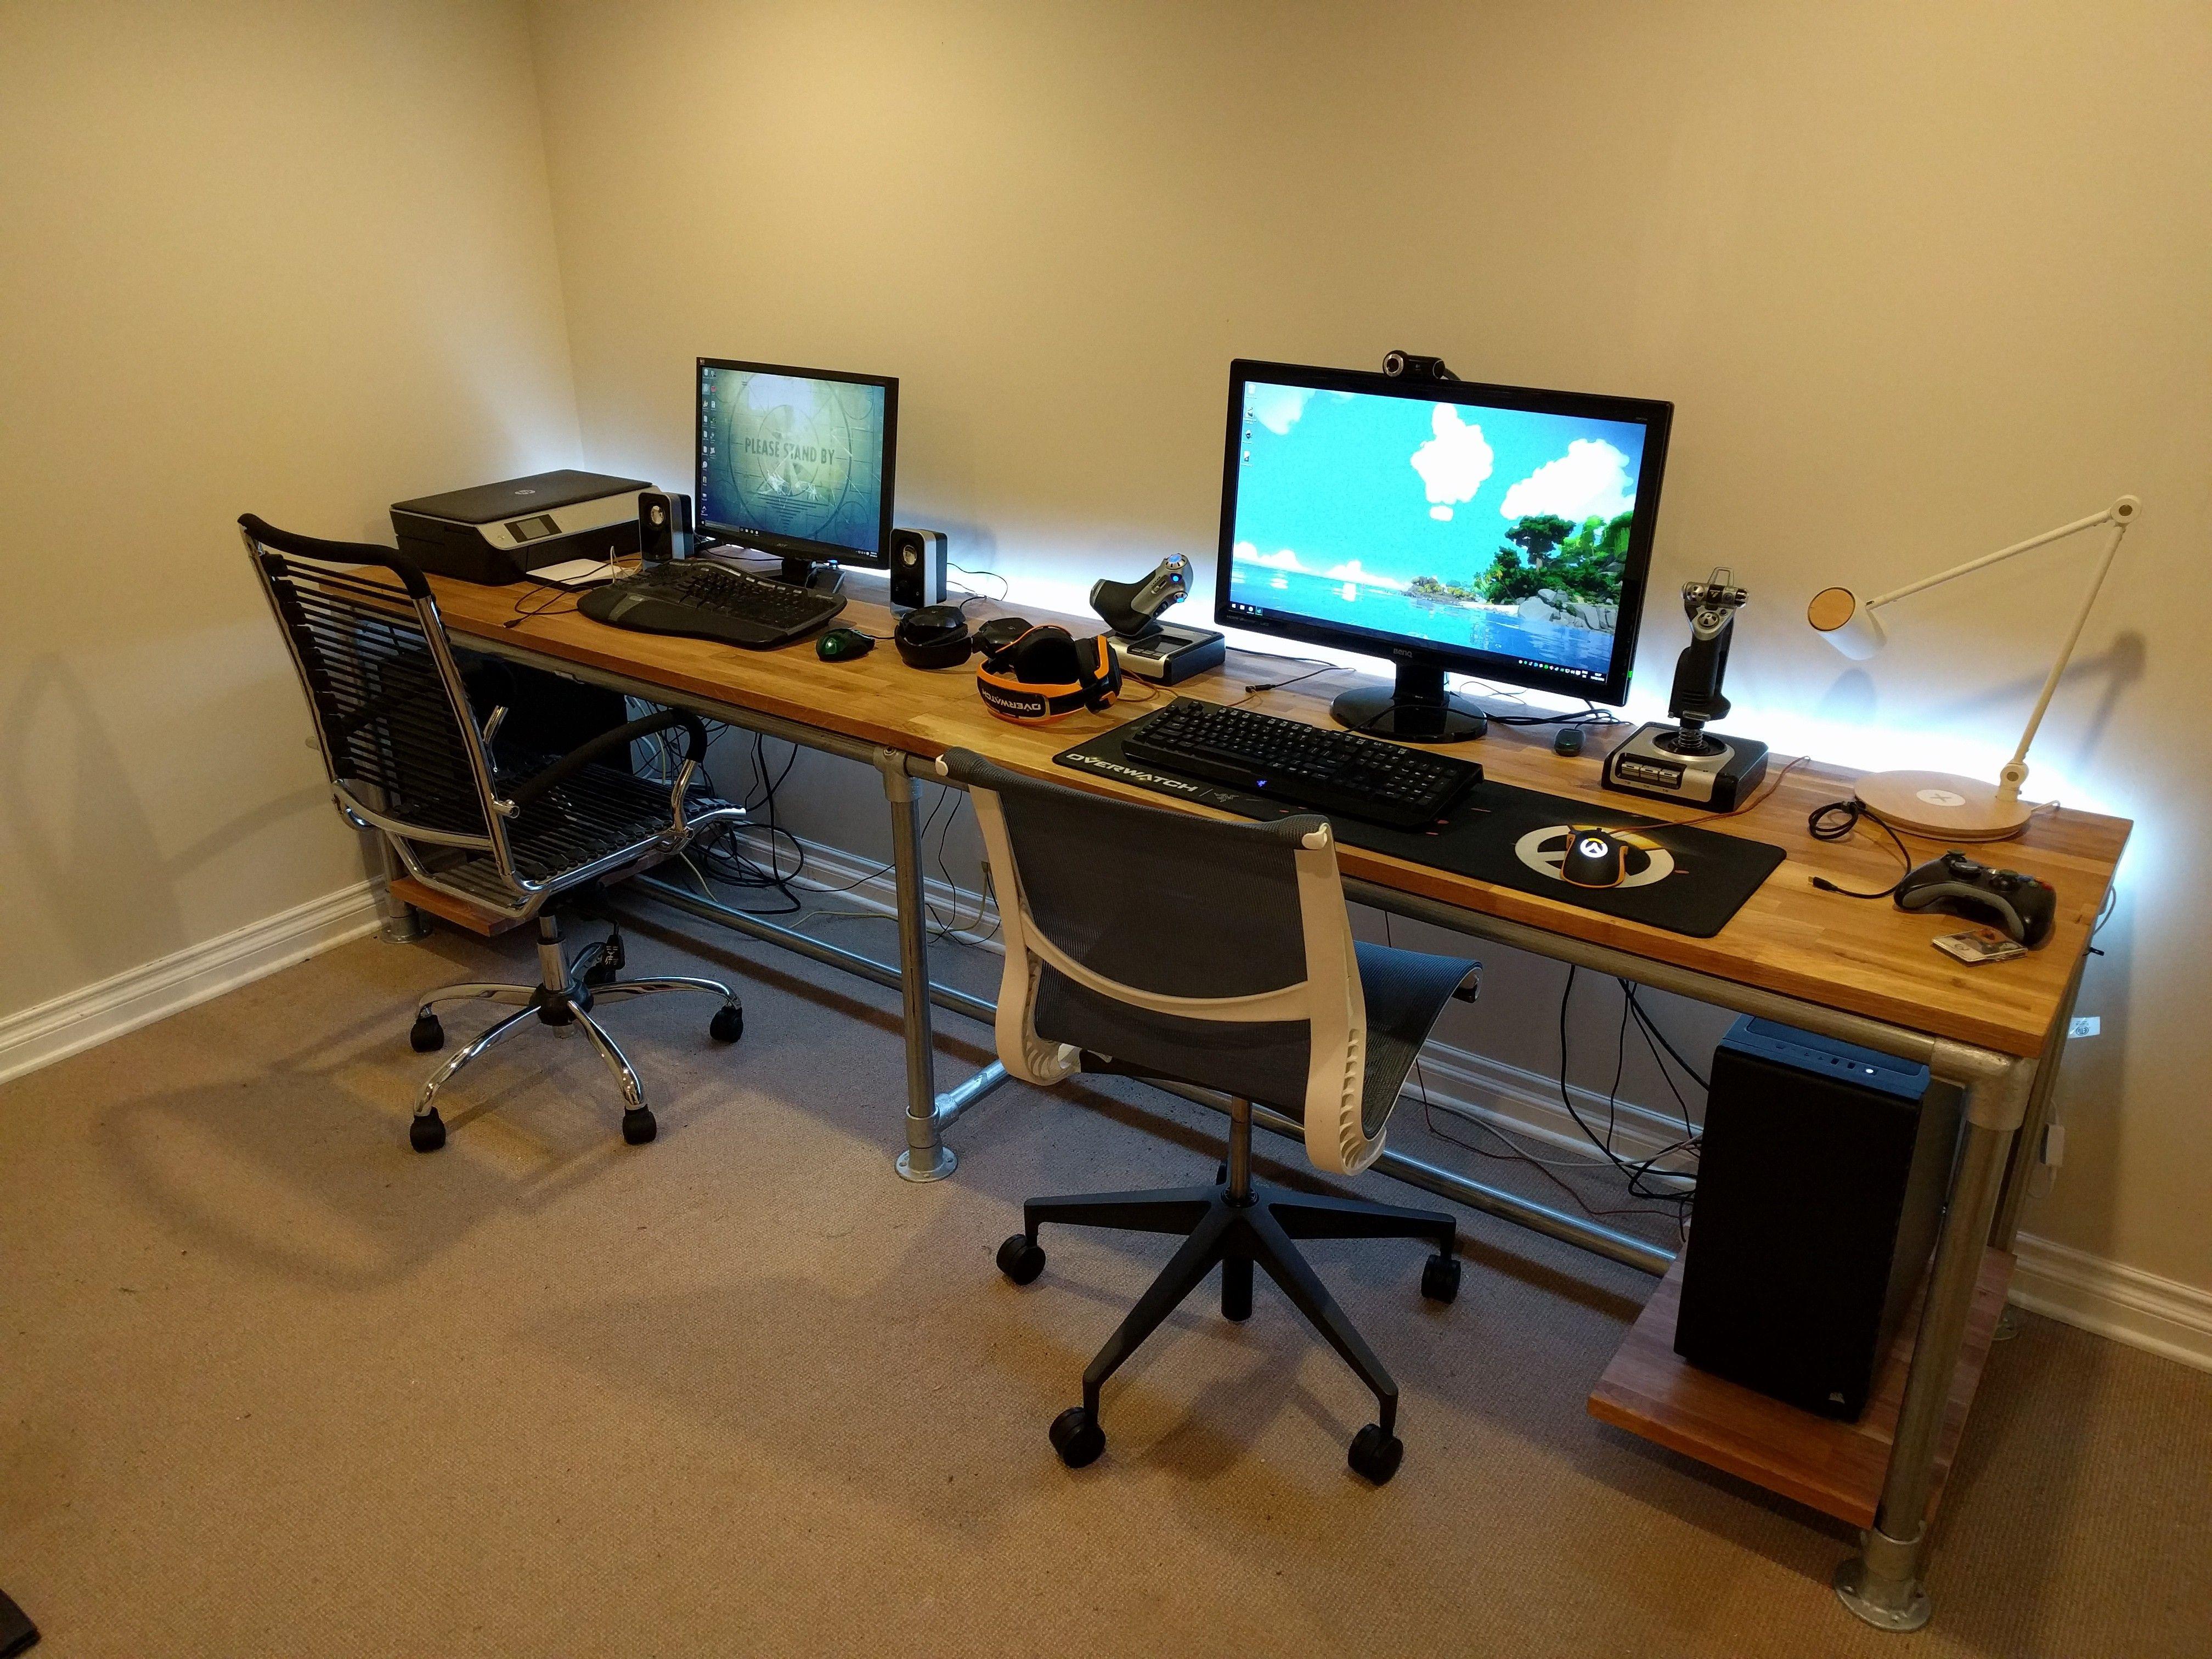 The final setup. Desk IdeasOffice IdeasComputer ...